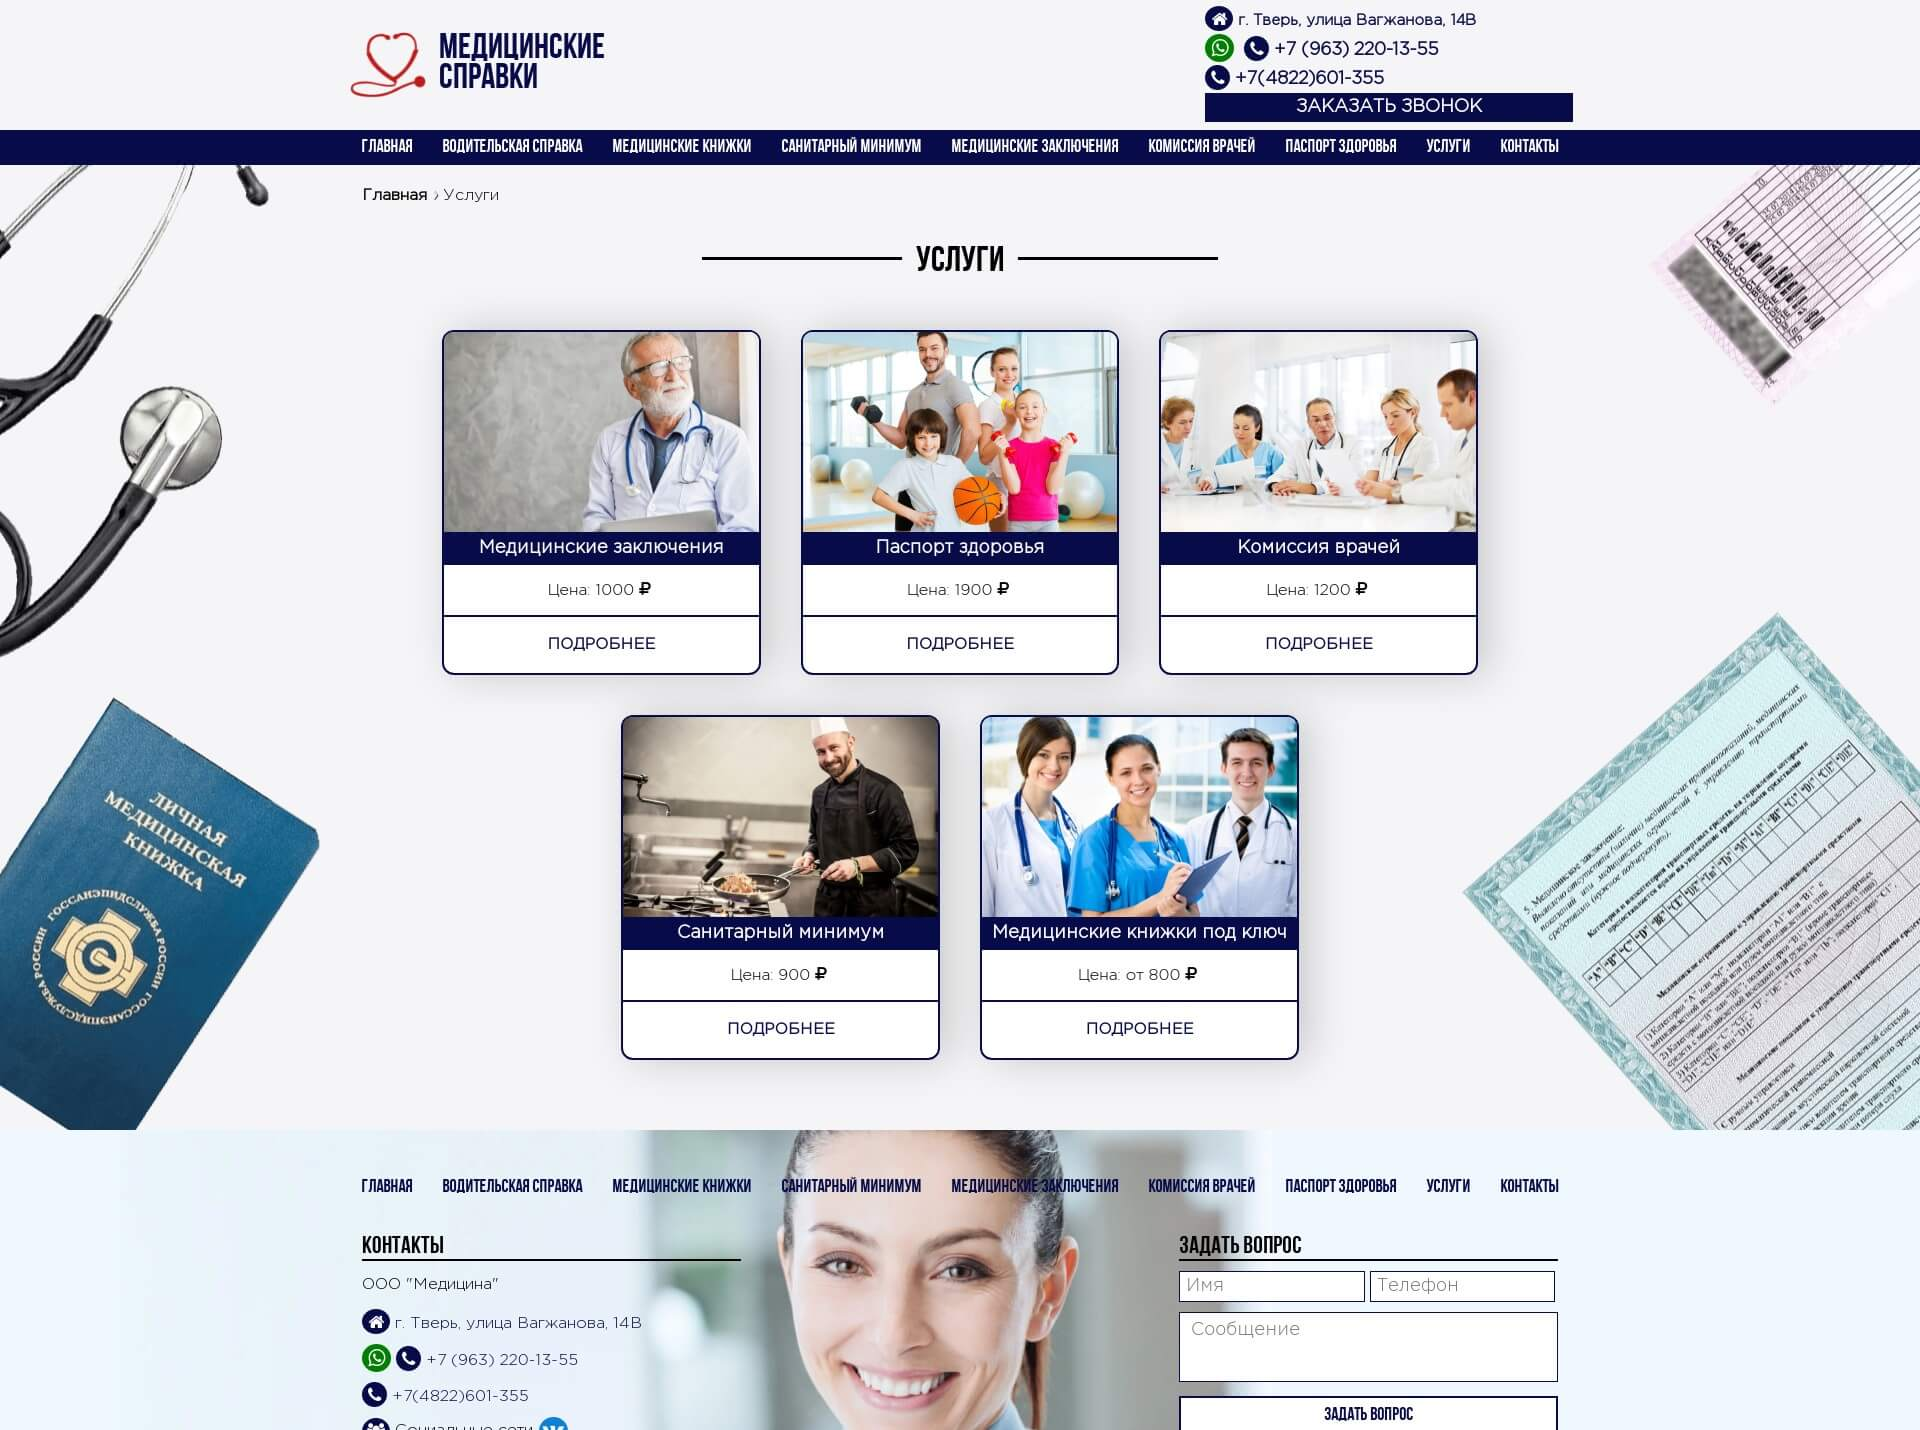 Скриншот №3 страницы сайта во весь экран. Сайт по медицинским справкам